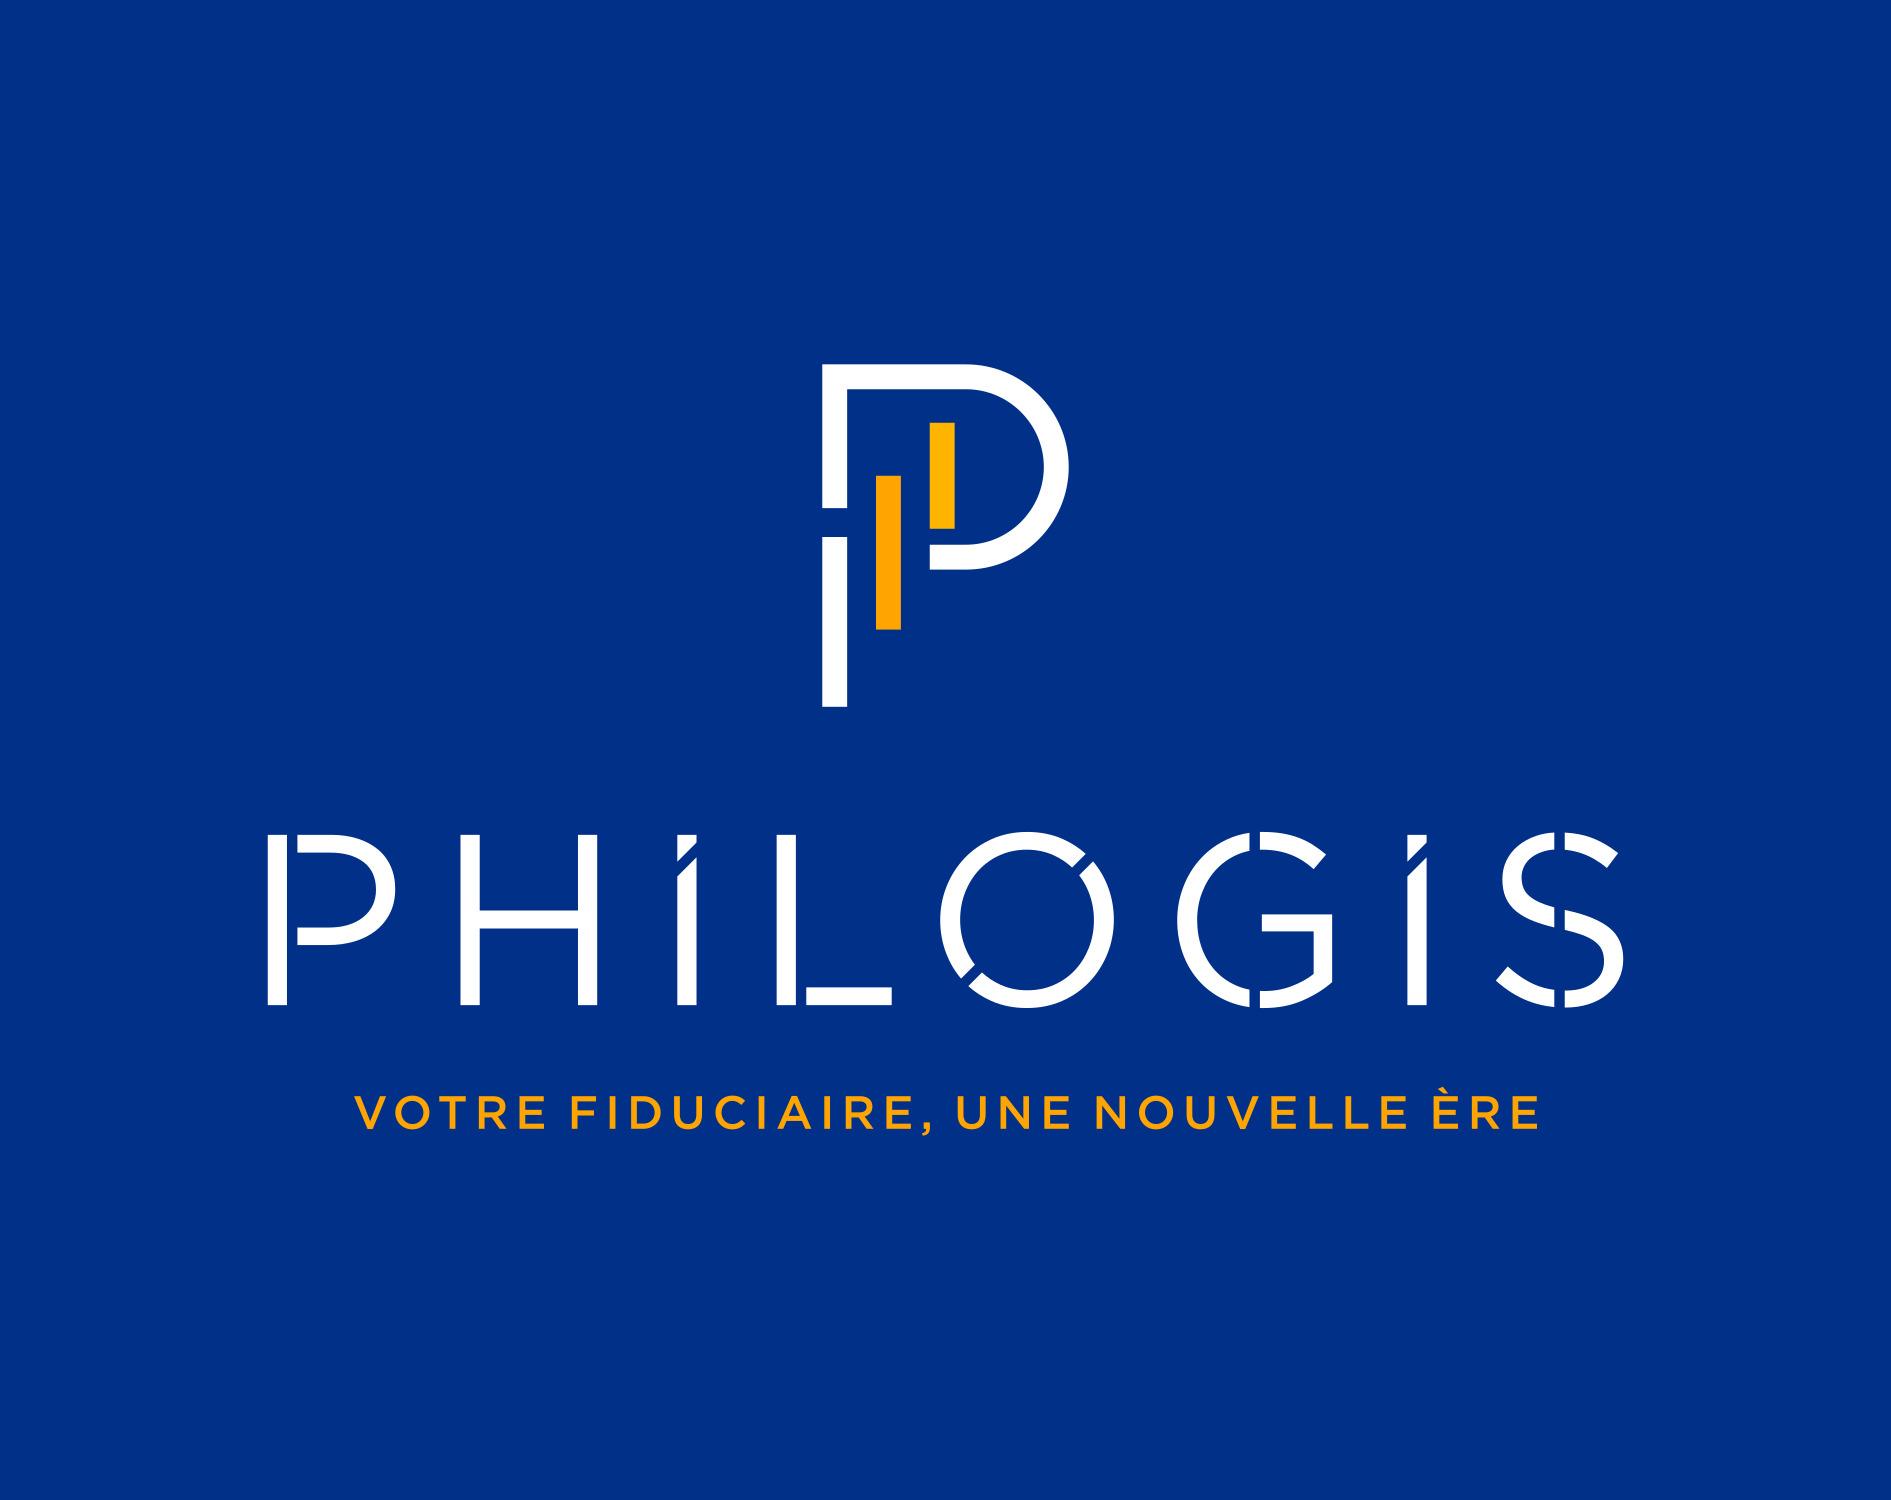 Photos Philogis - société fiduciaire